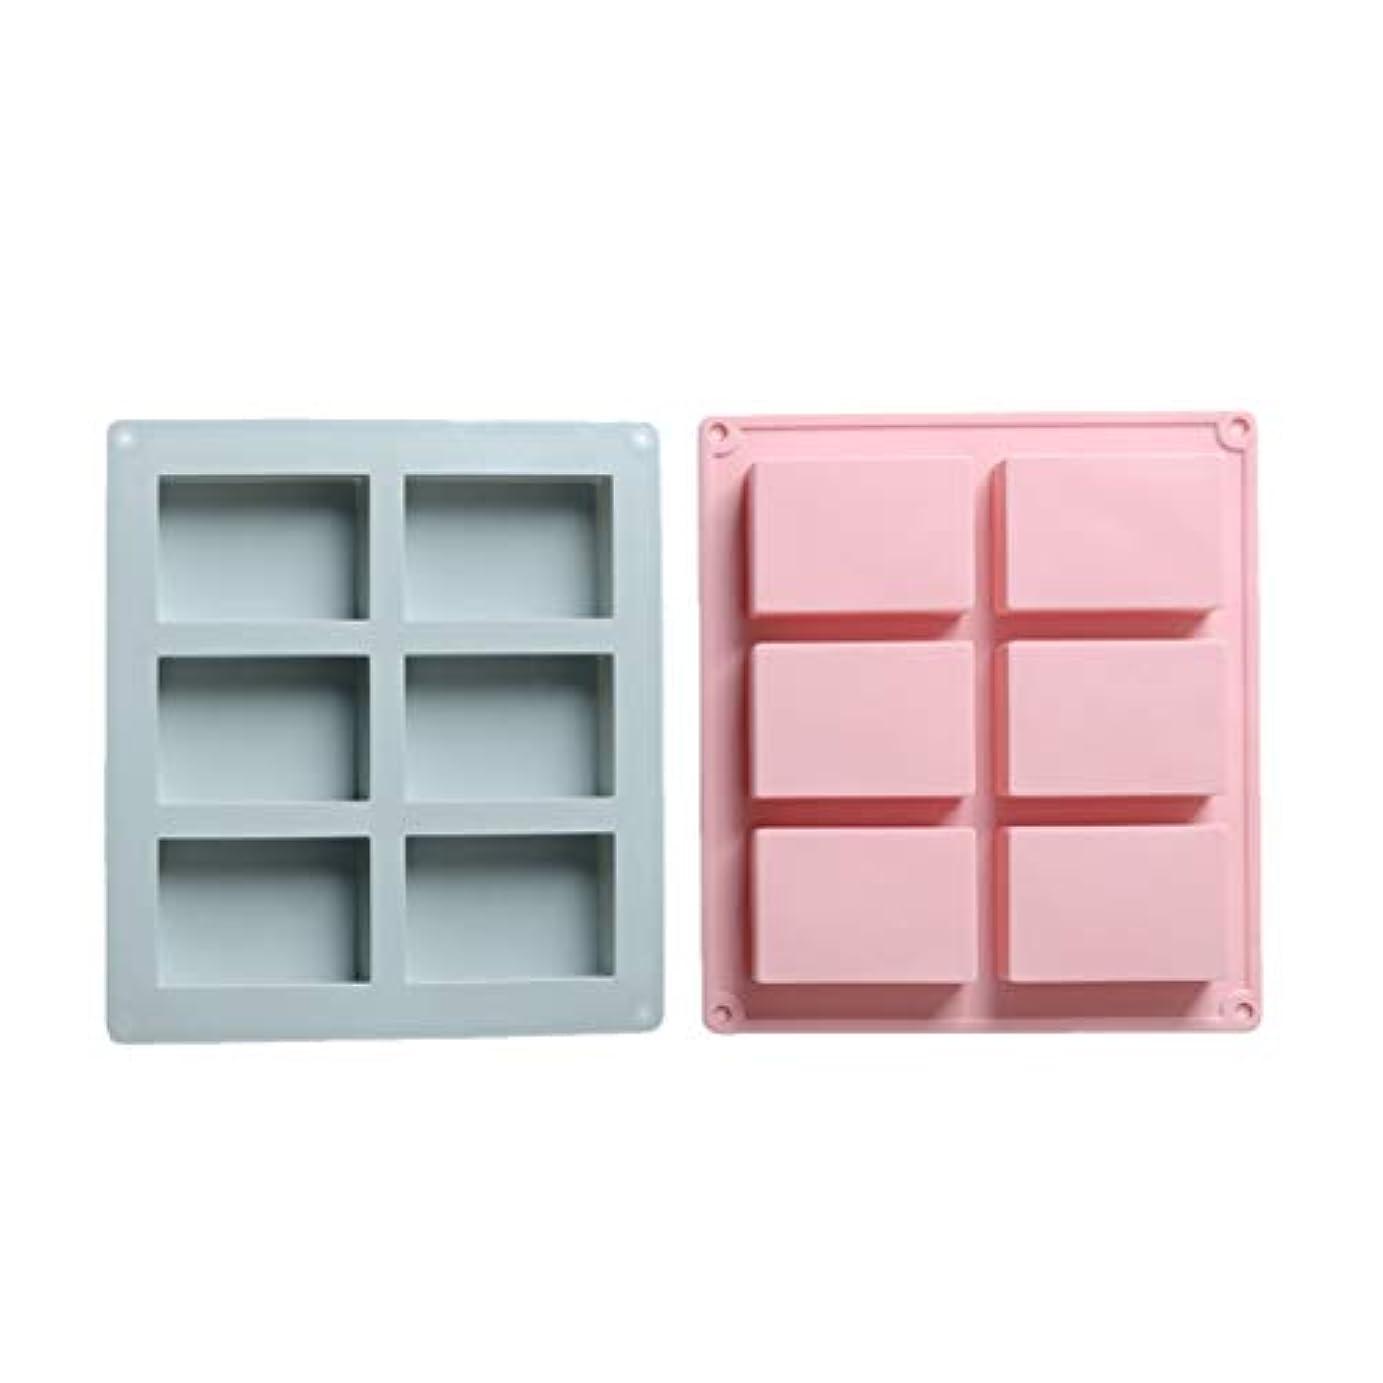 味忘れる場合SUPVOX シリコン長方形モールドソープチョコレートキャンドルとゼリーブラウン2個(青とピンク)を作るための6つのキャビティ